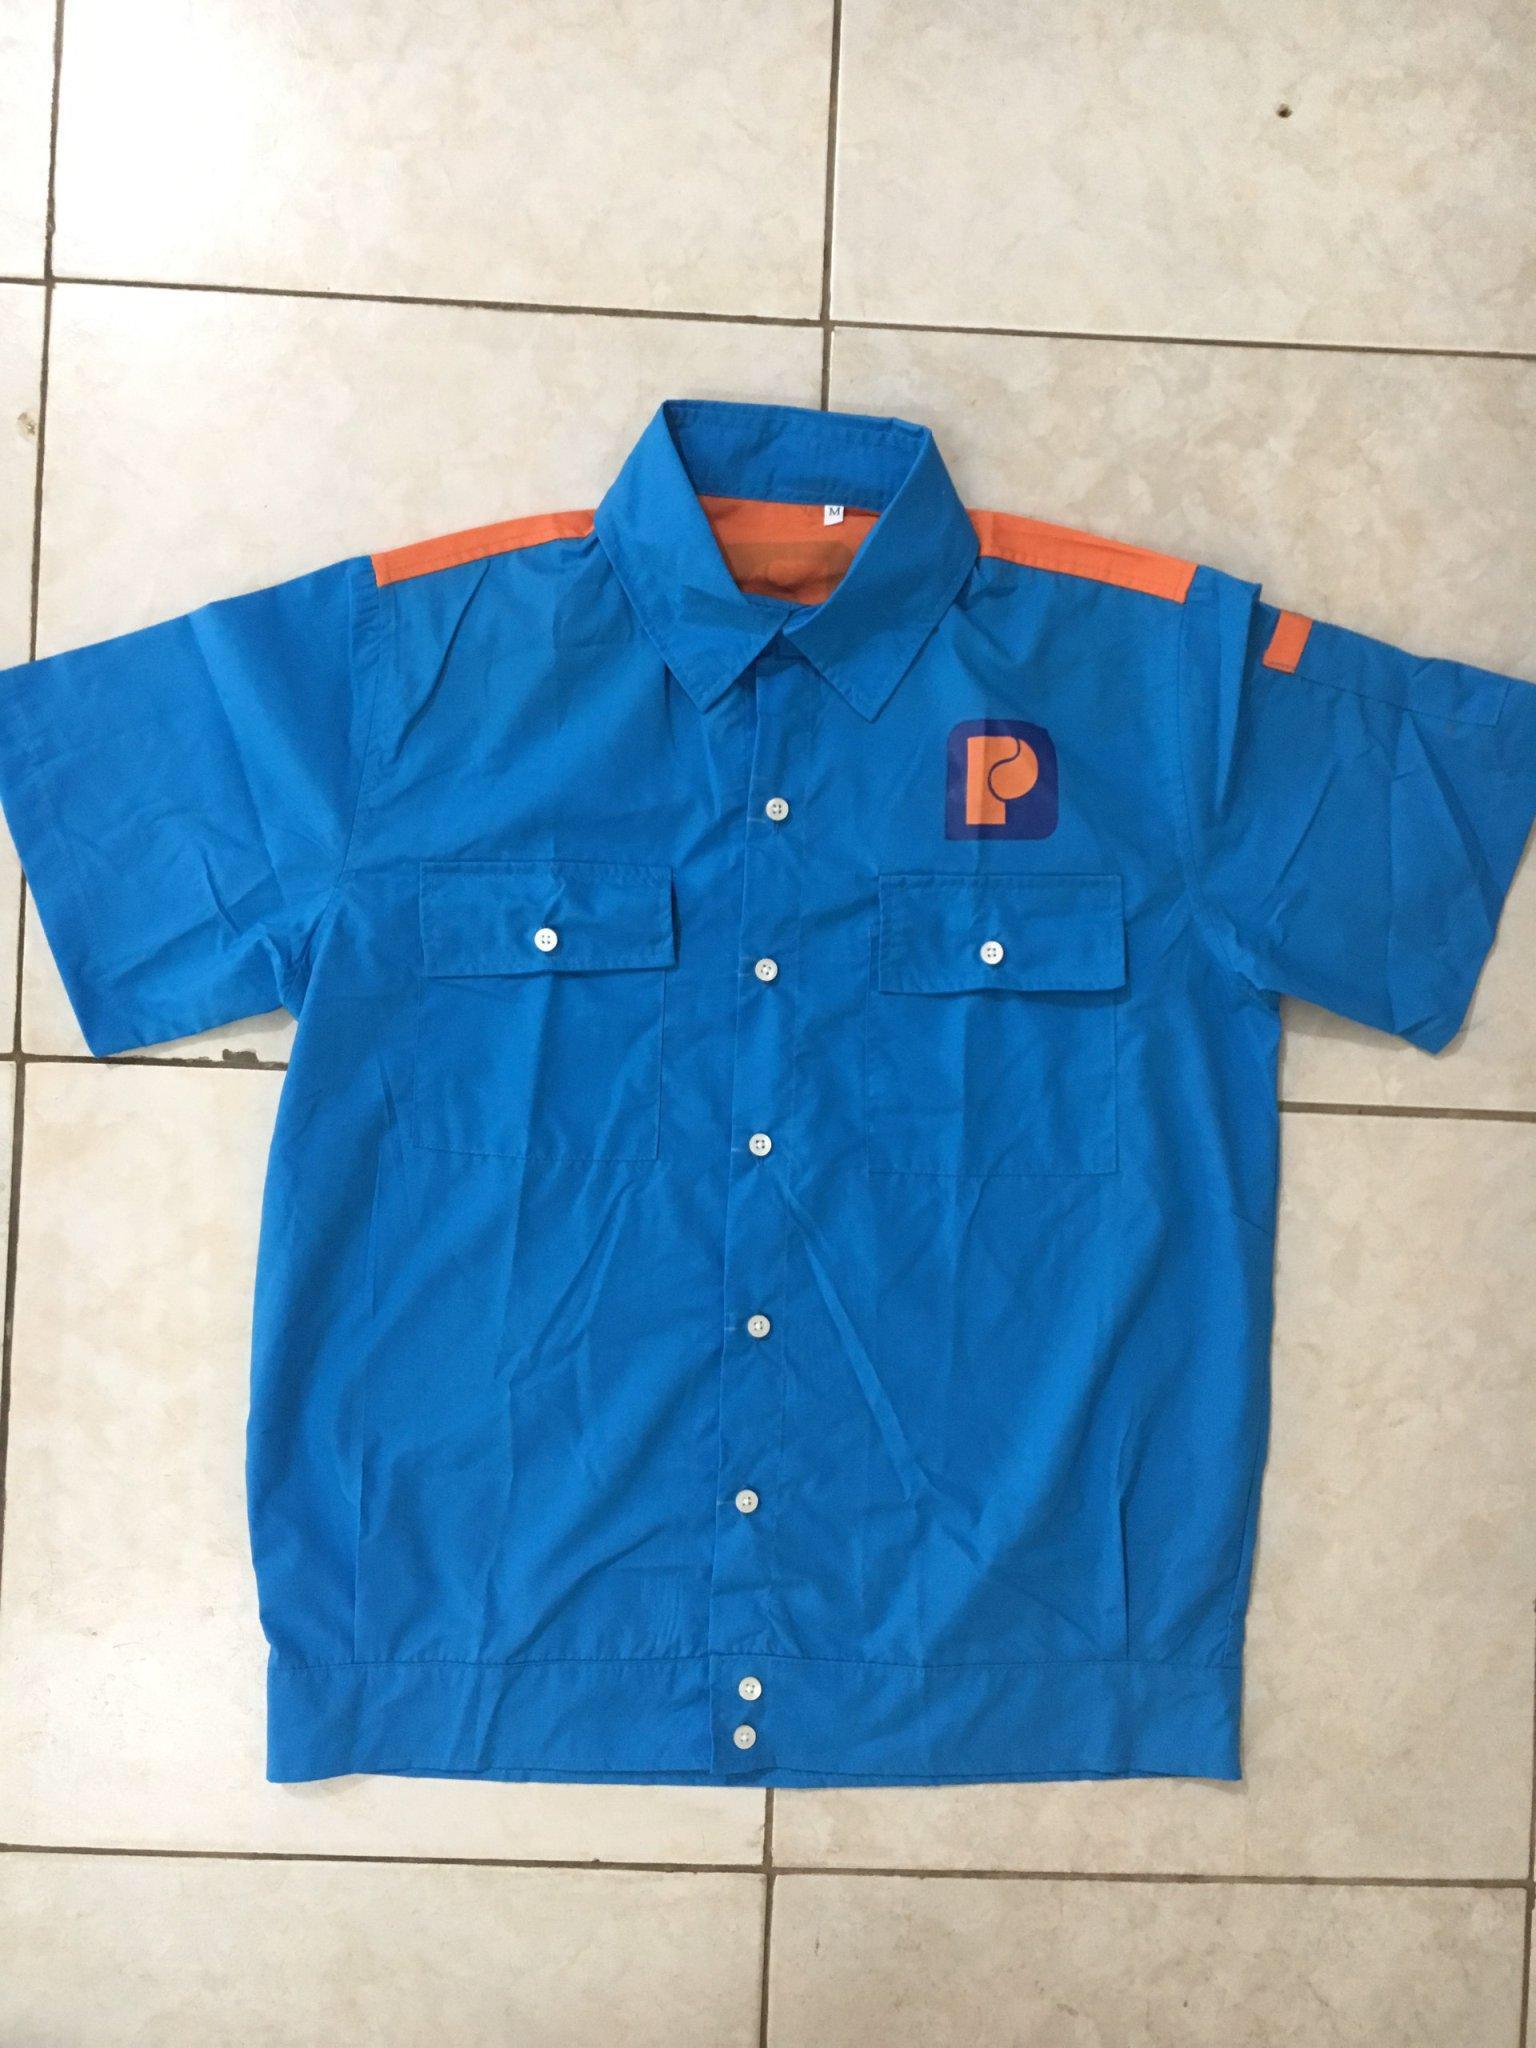 Đồng phục , quần áo bảo hộ lao động có thể mua giá rẻ tại các cửa hàng , đại lý bán quần áo bảo hộ lao động có bán tại khắp 63 tỉnh , thành phố trên toàn quốc.